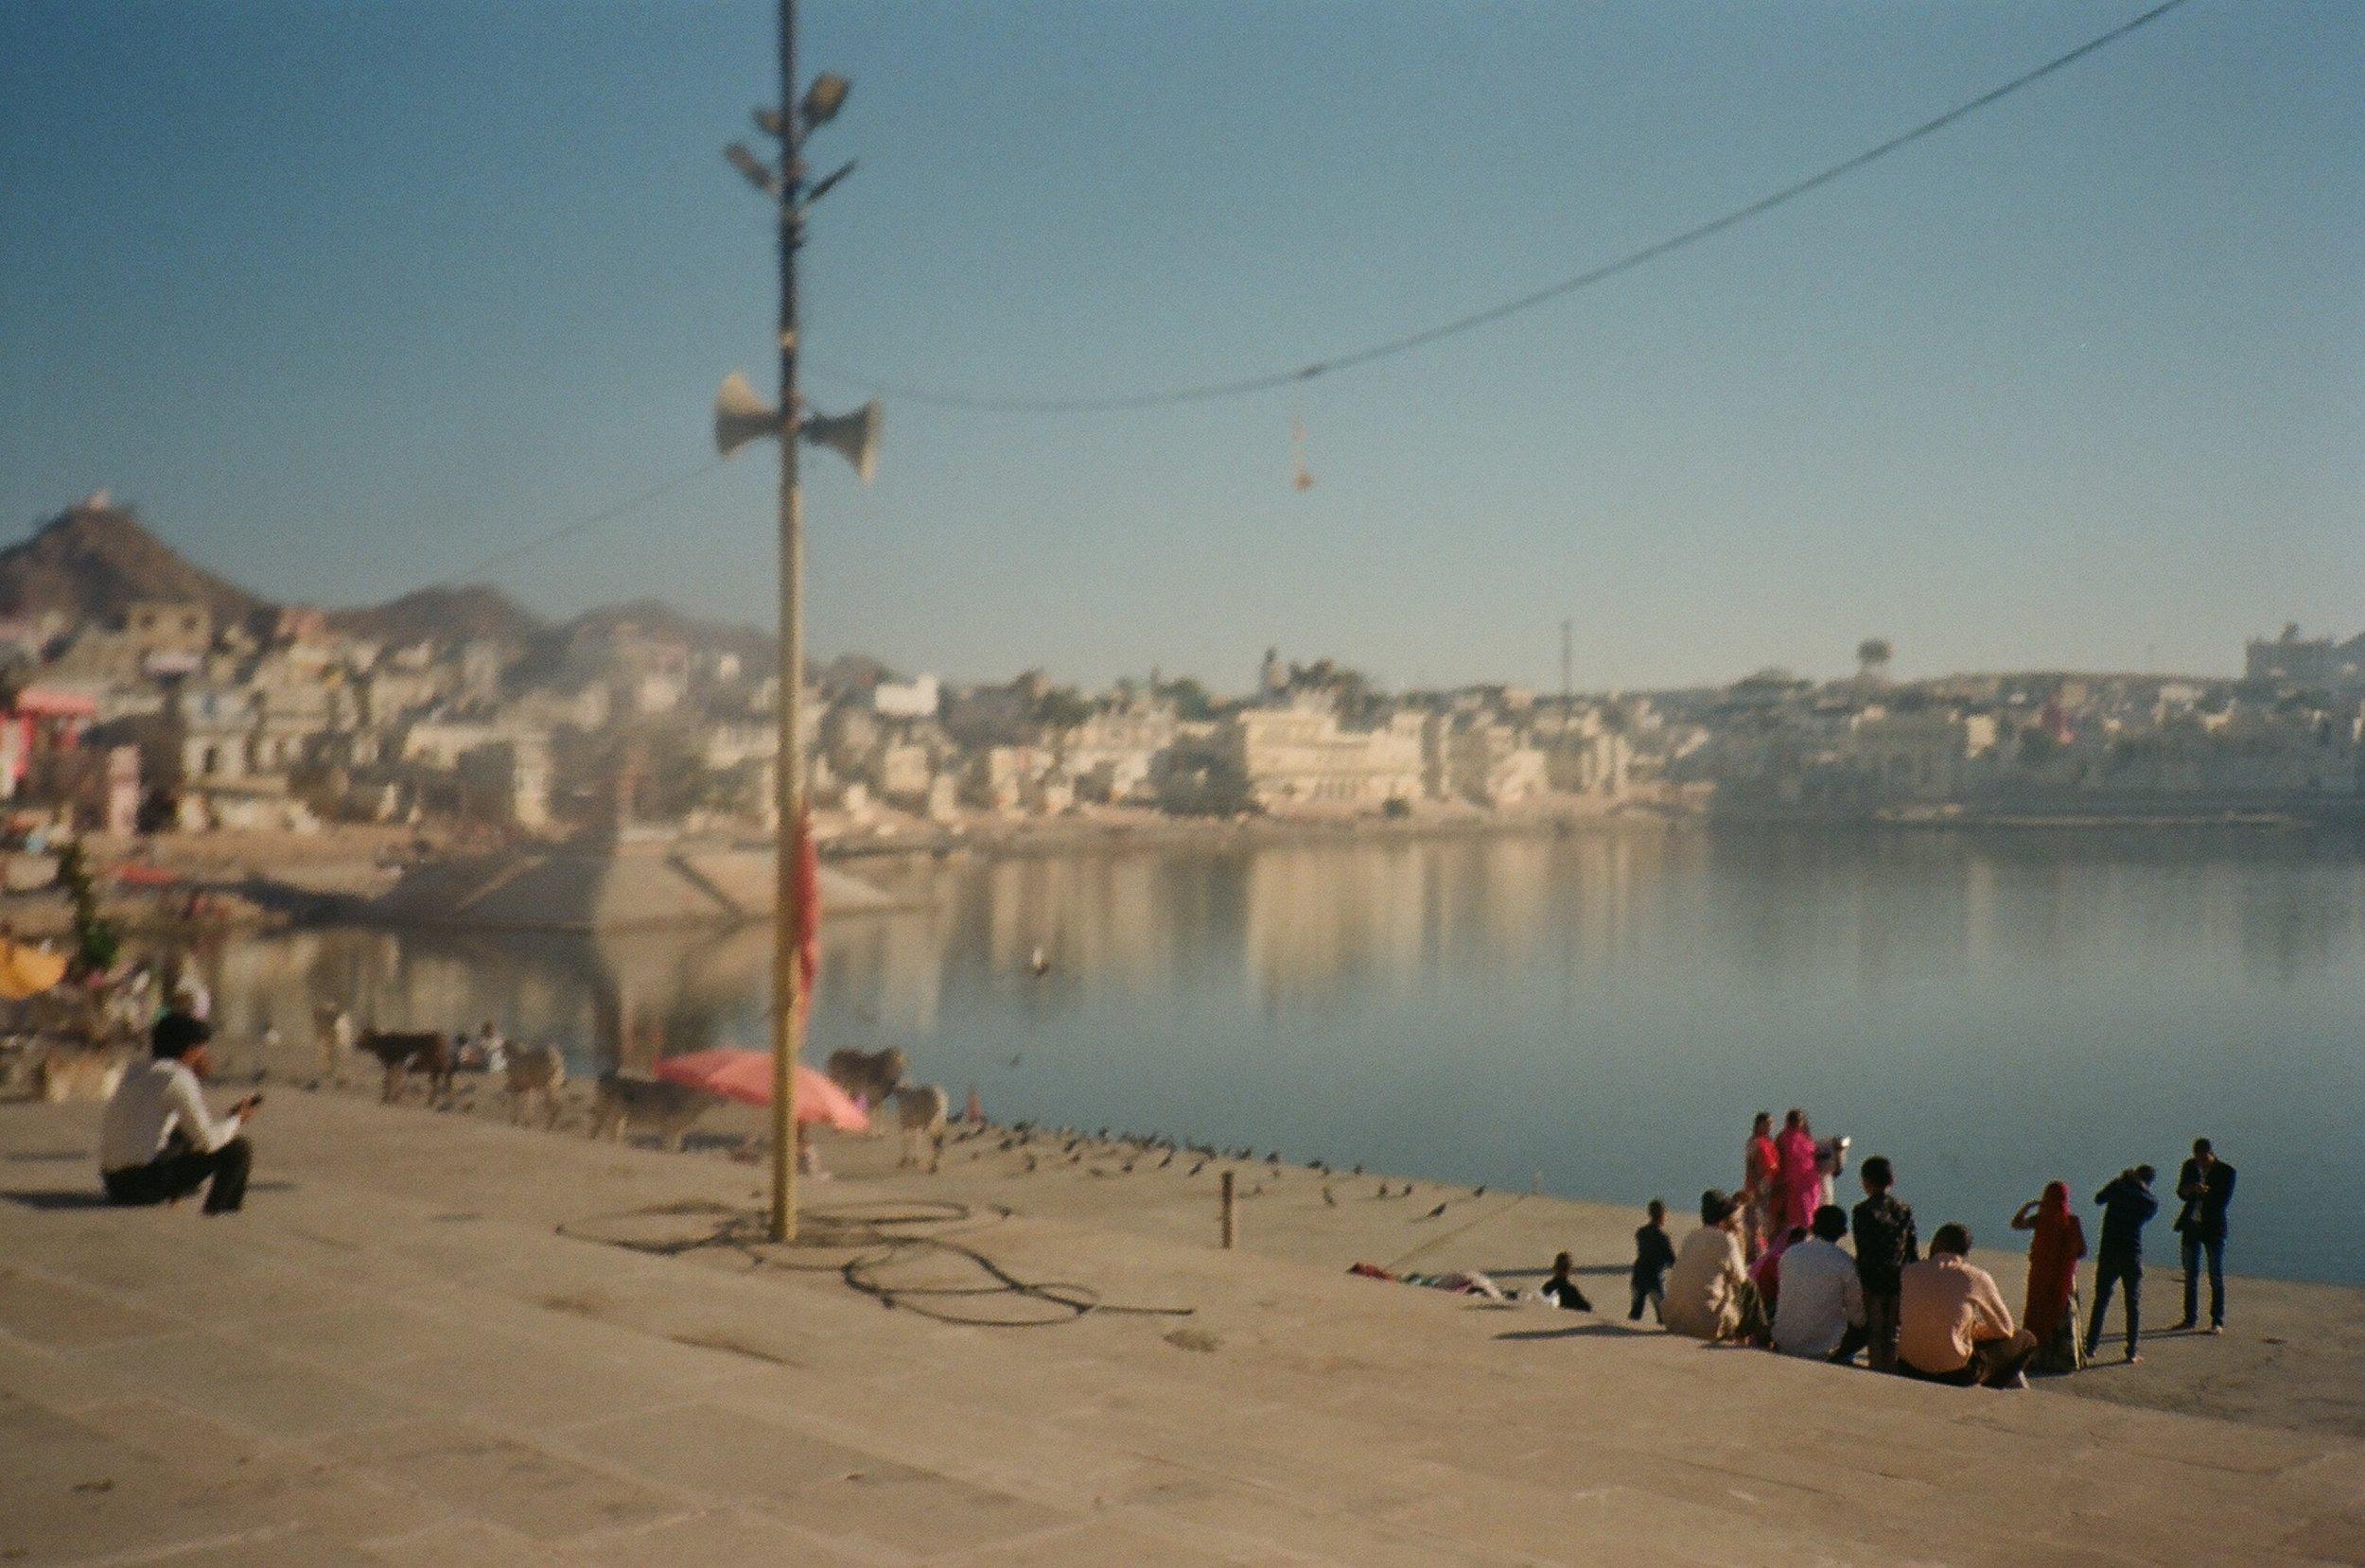 Pushkar_Rajasthan_eagertourist.jpg